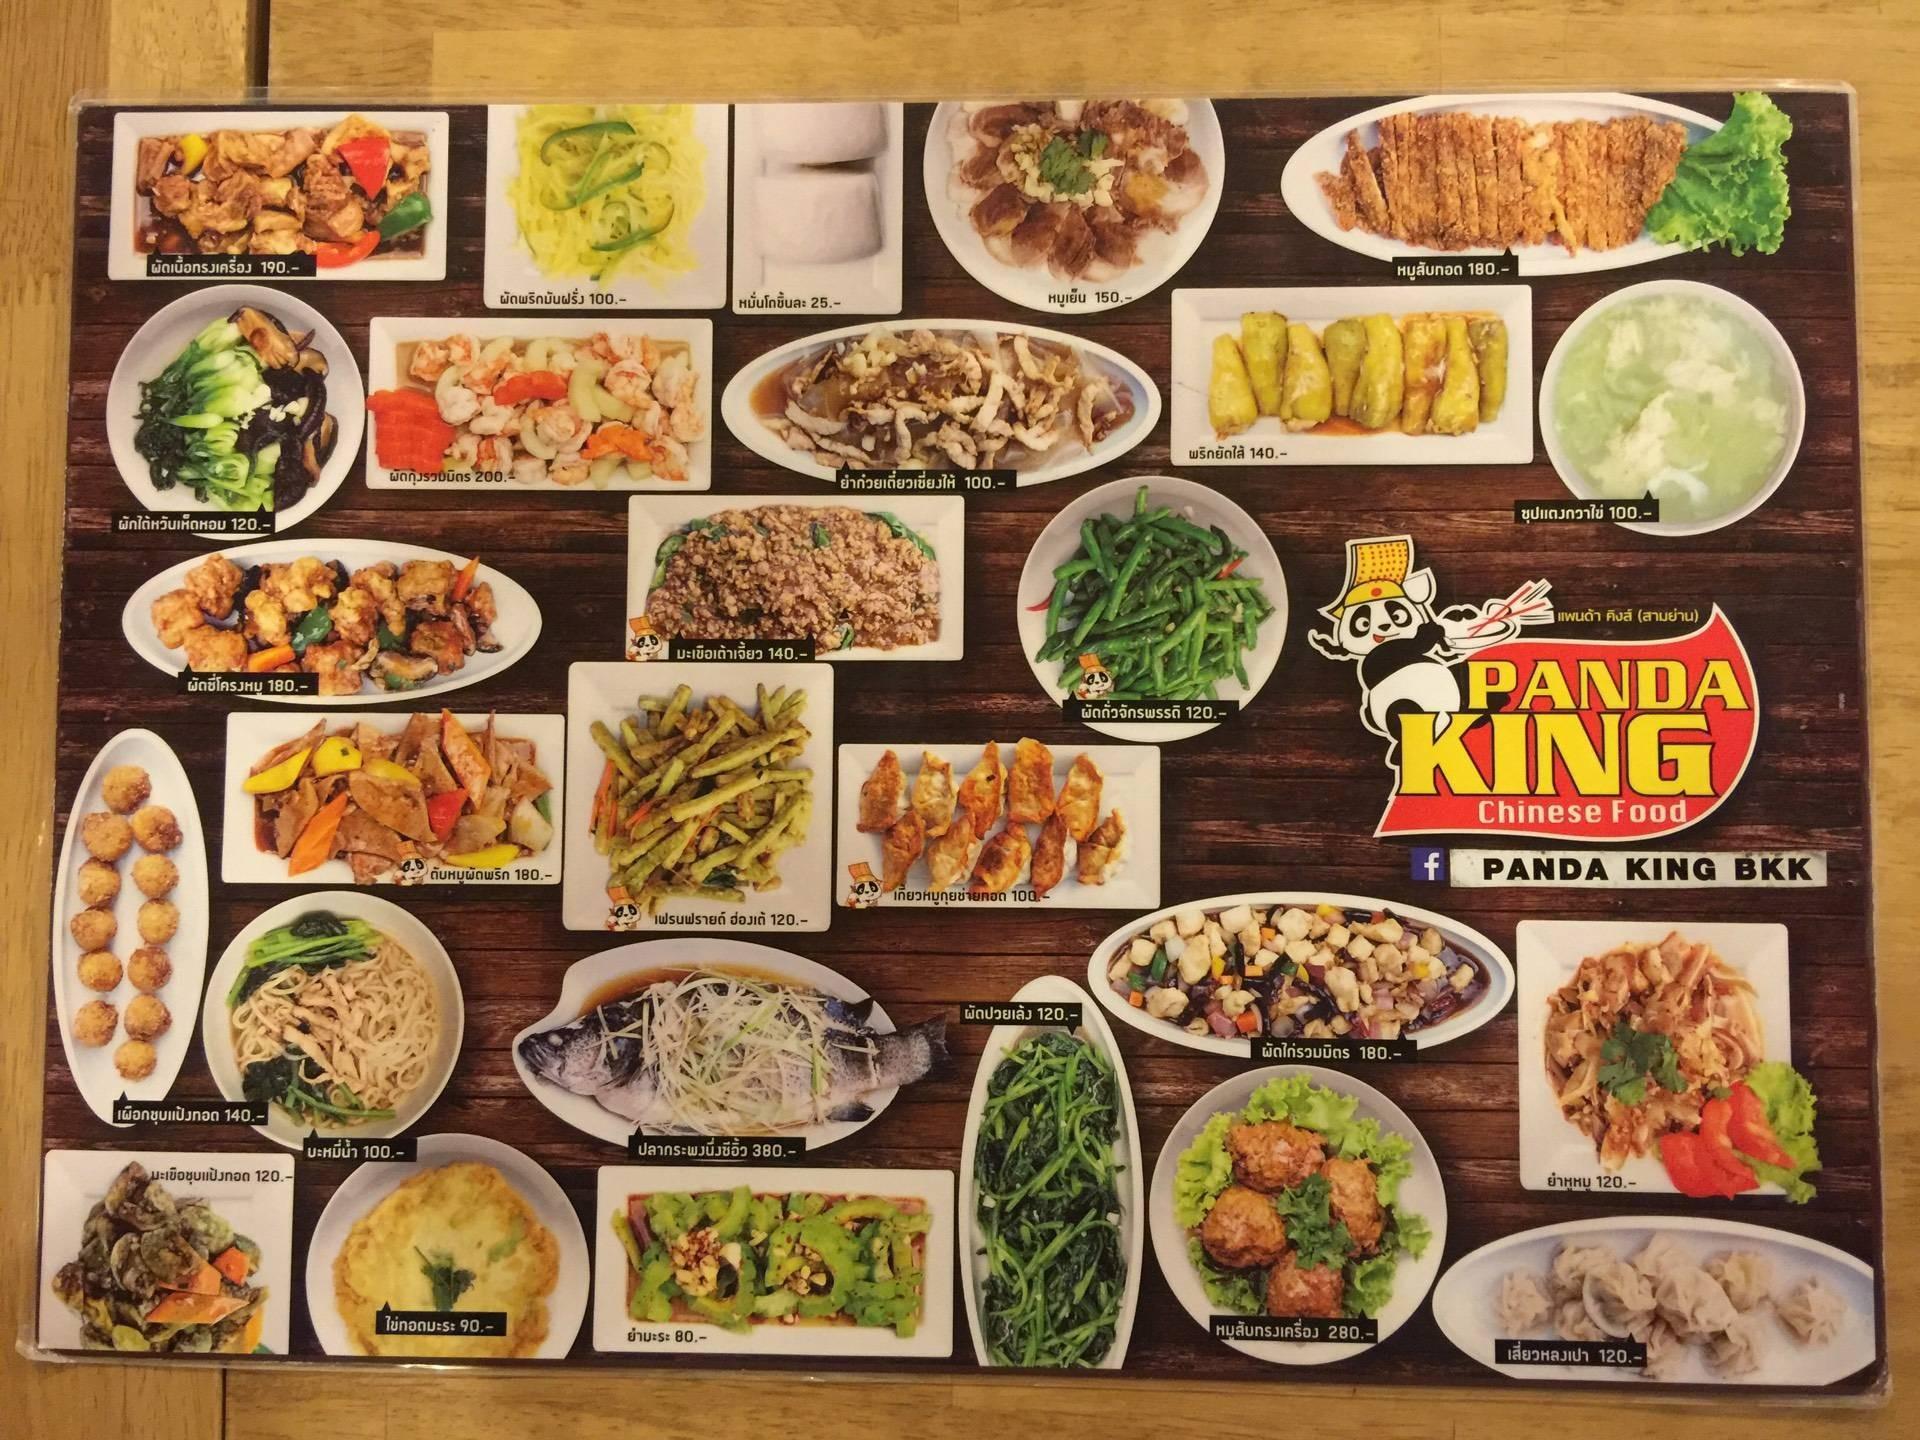 Images: Panda 88 Menu